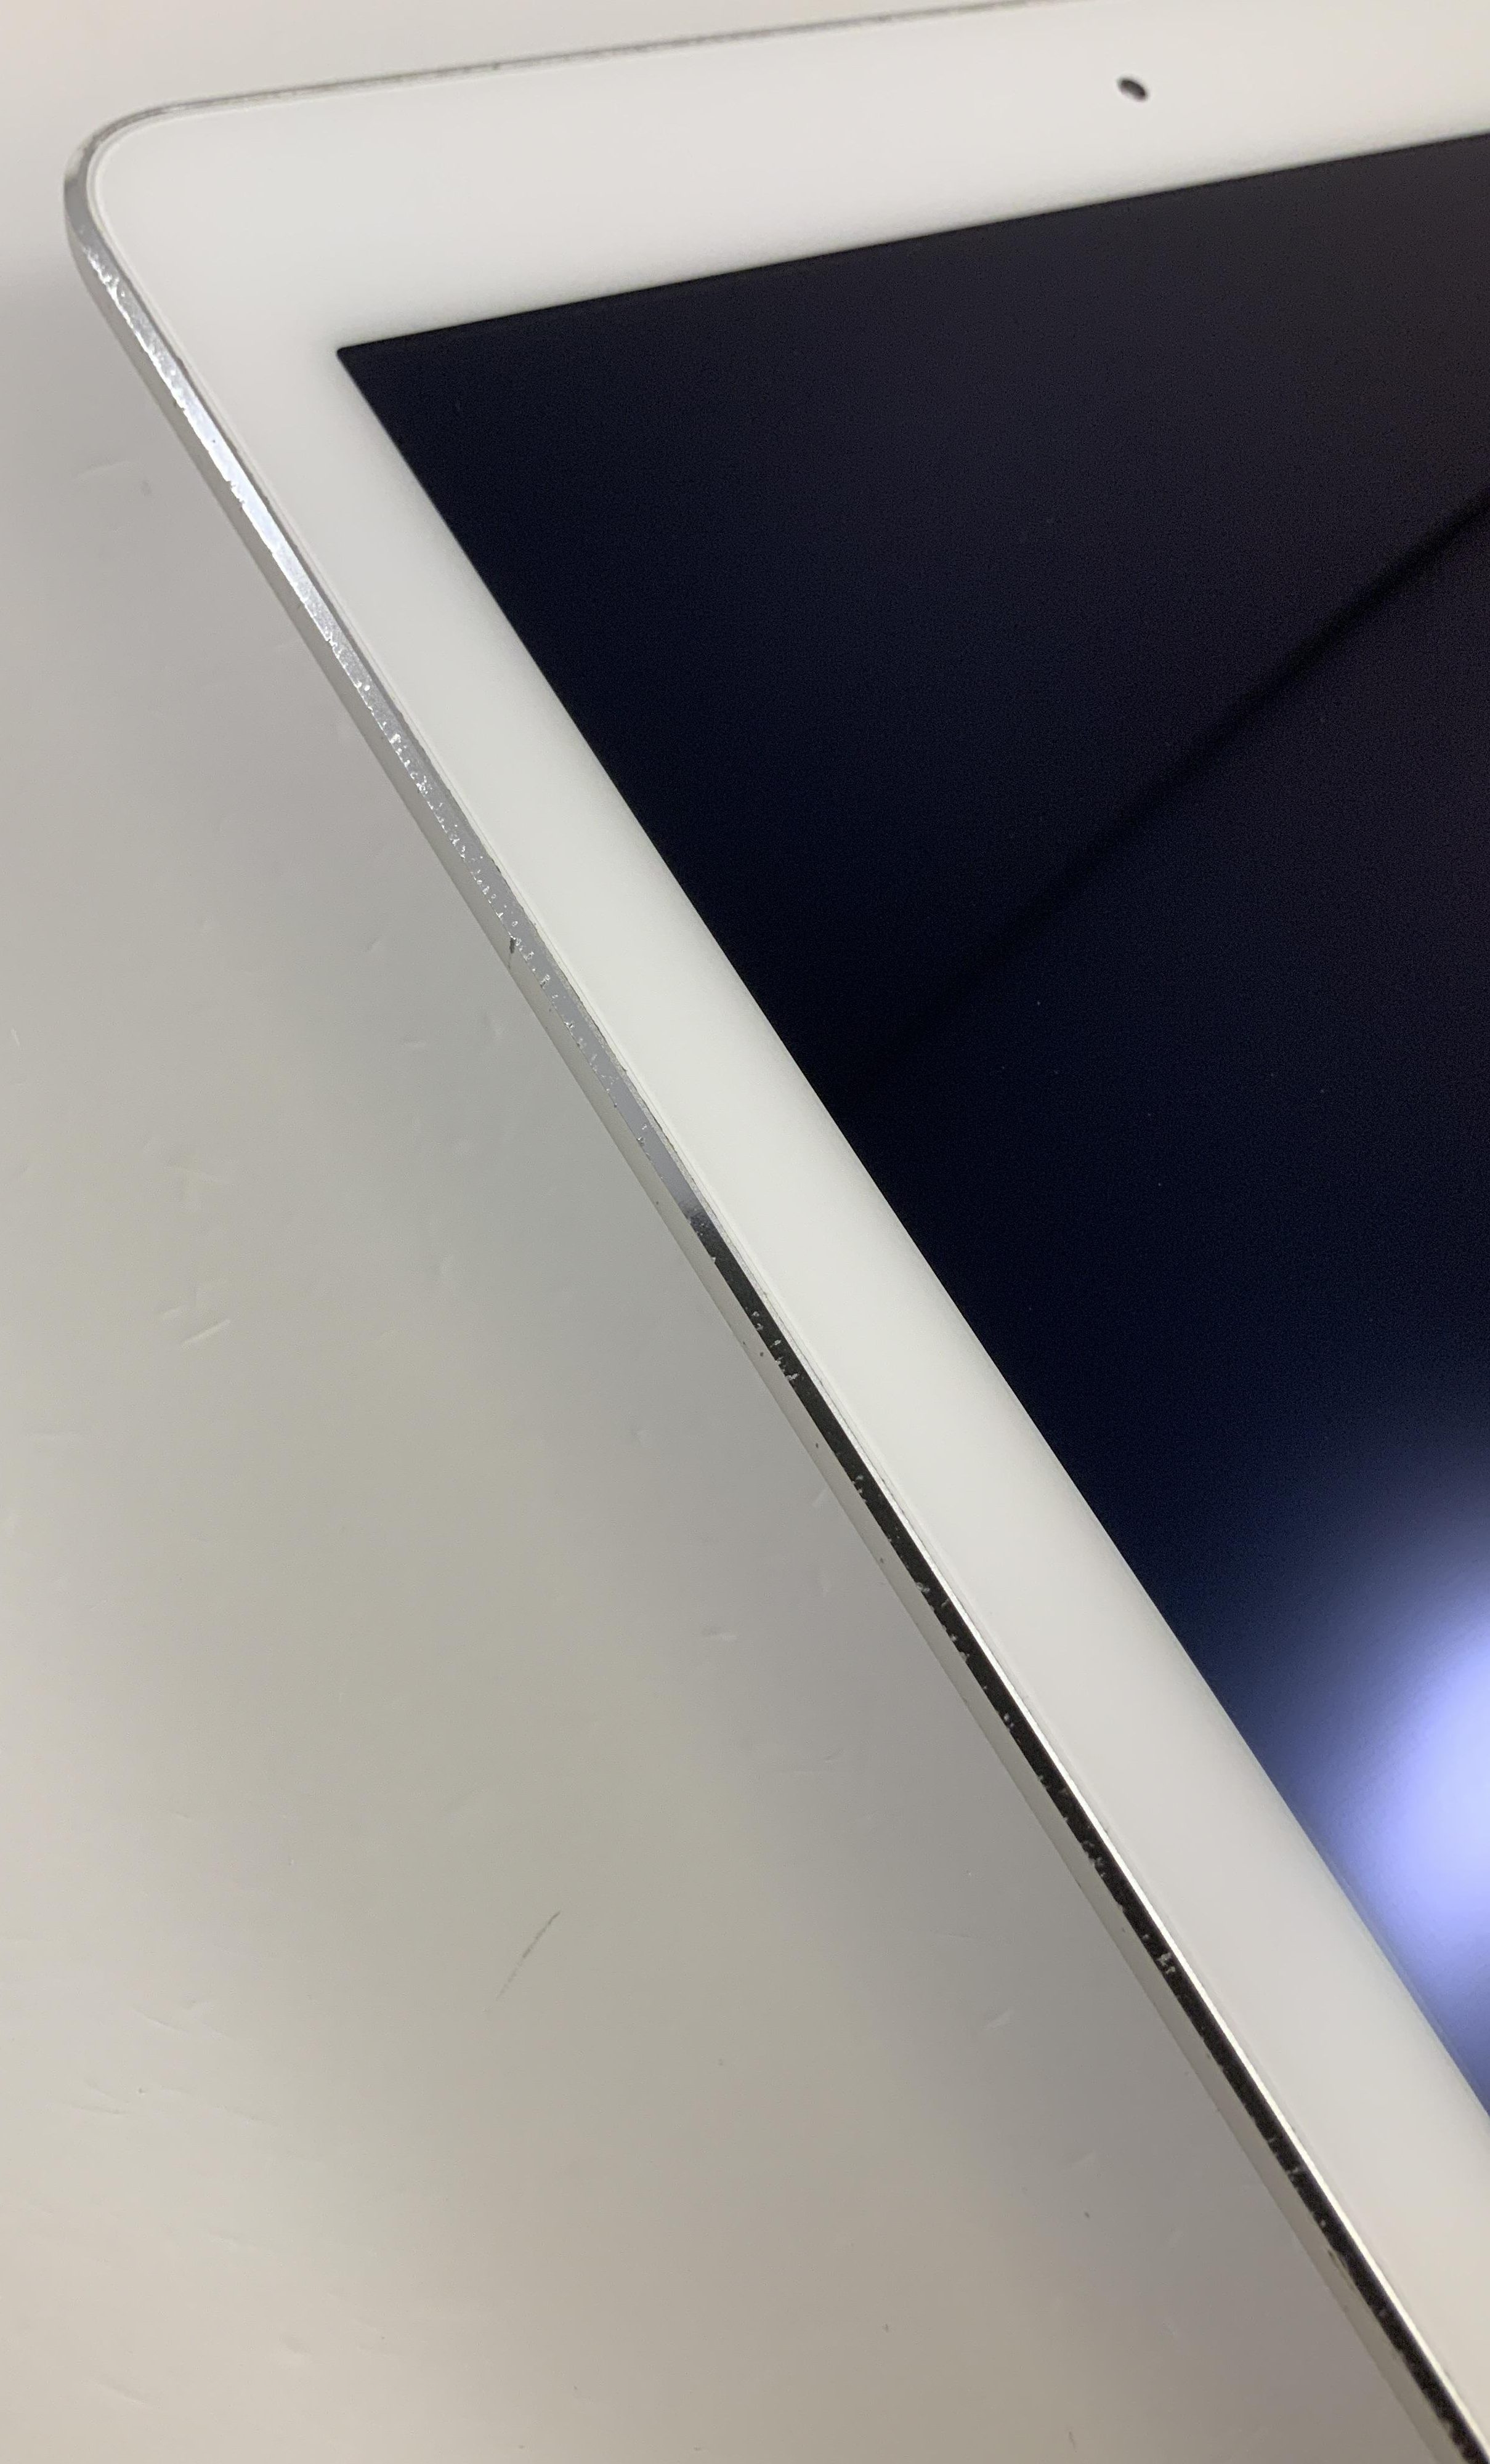 iPad Air 2 Wi-Fi 128GB, 128GB, Silver, image 4